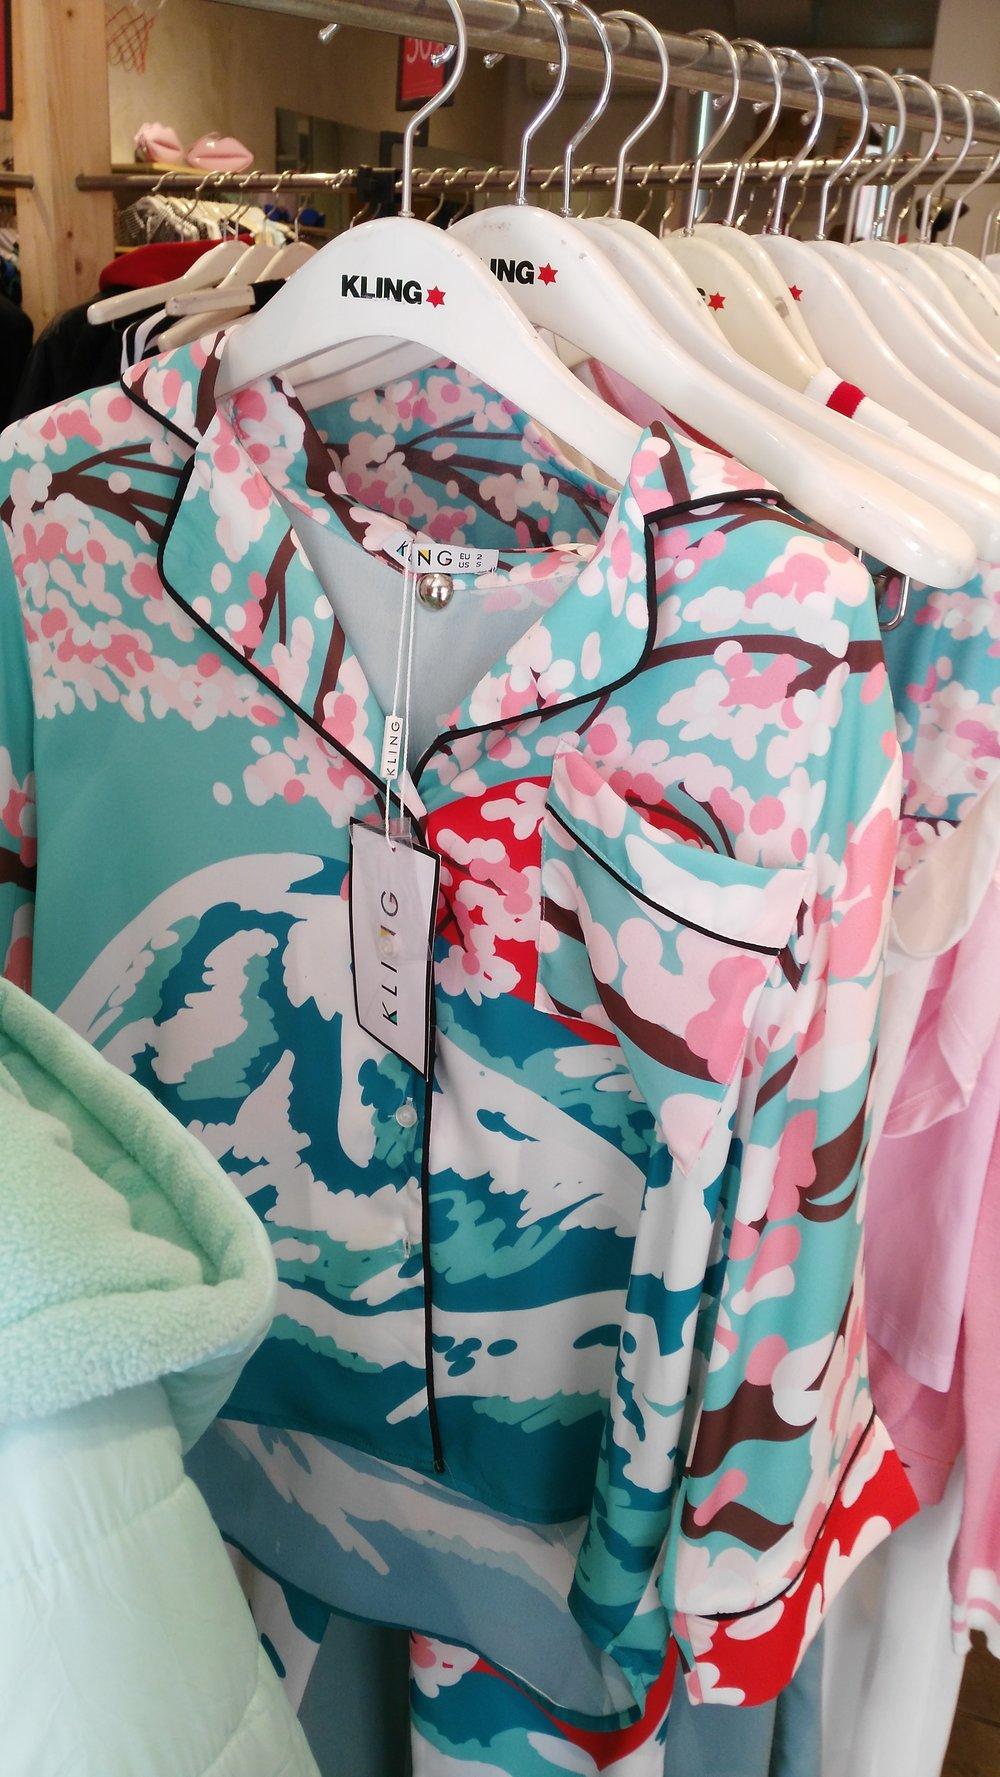 tiendas-ropa-madrid-originales-kling-chaquetas.jpg